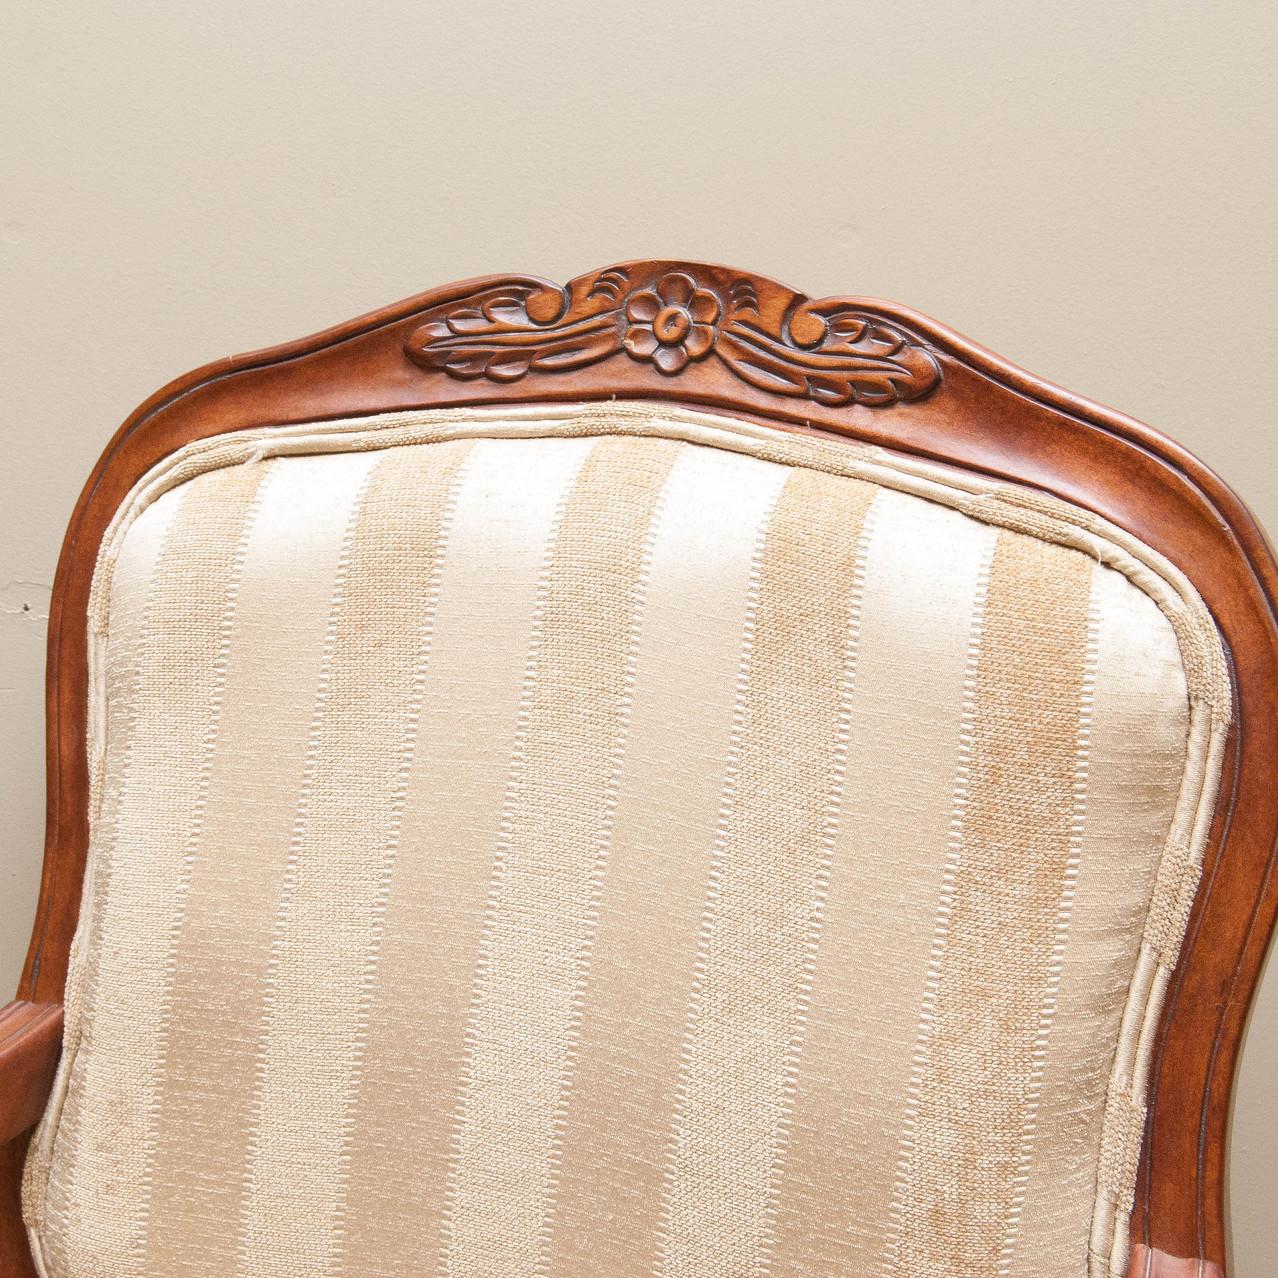 Thomas Arm Chair - before 2